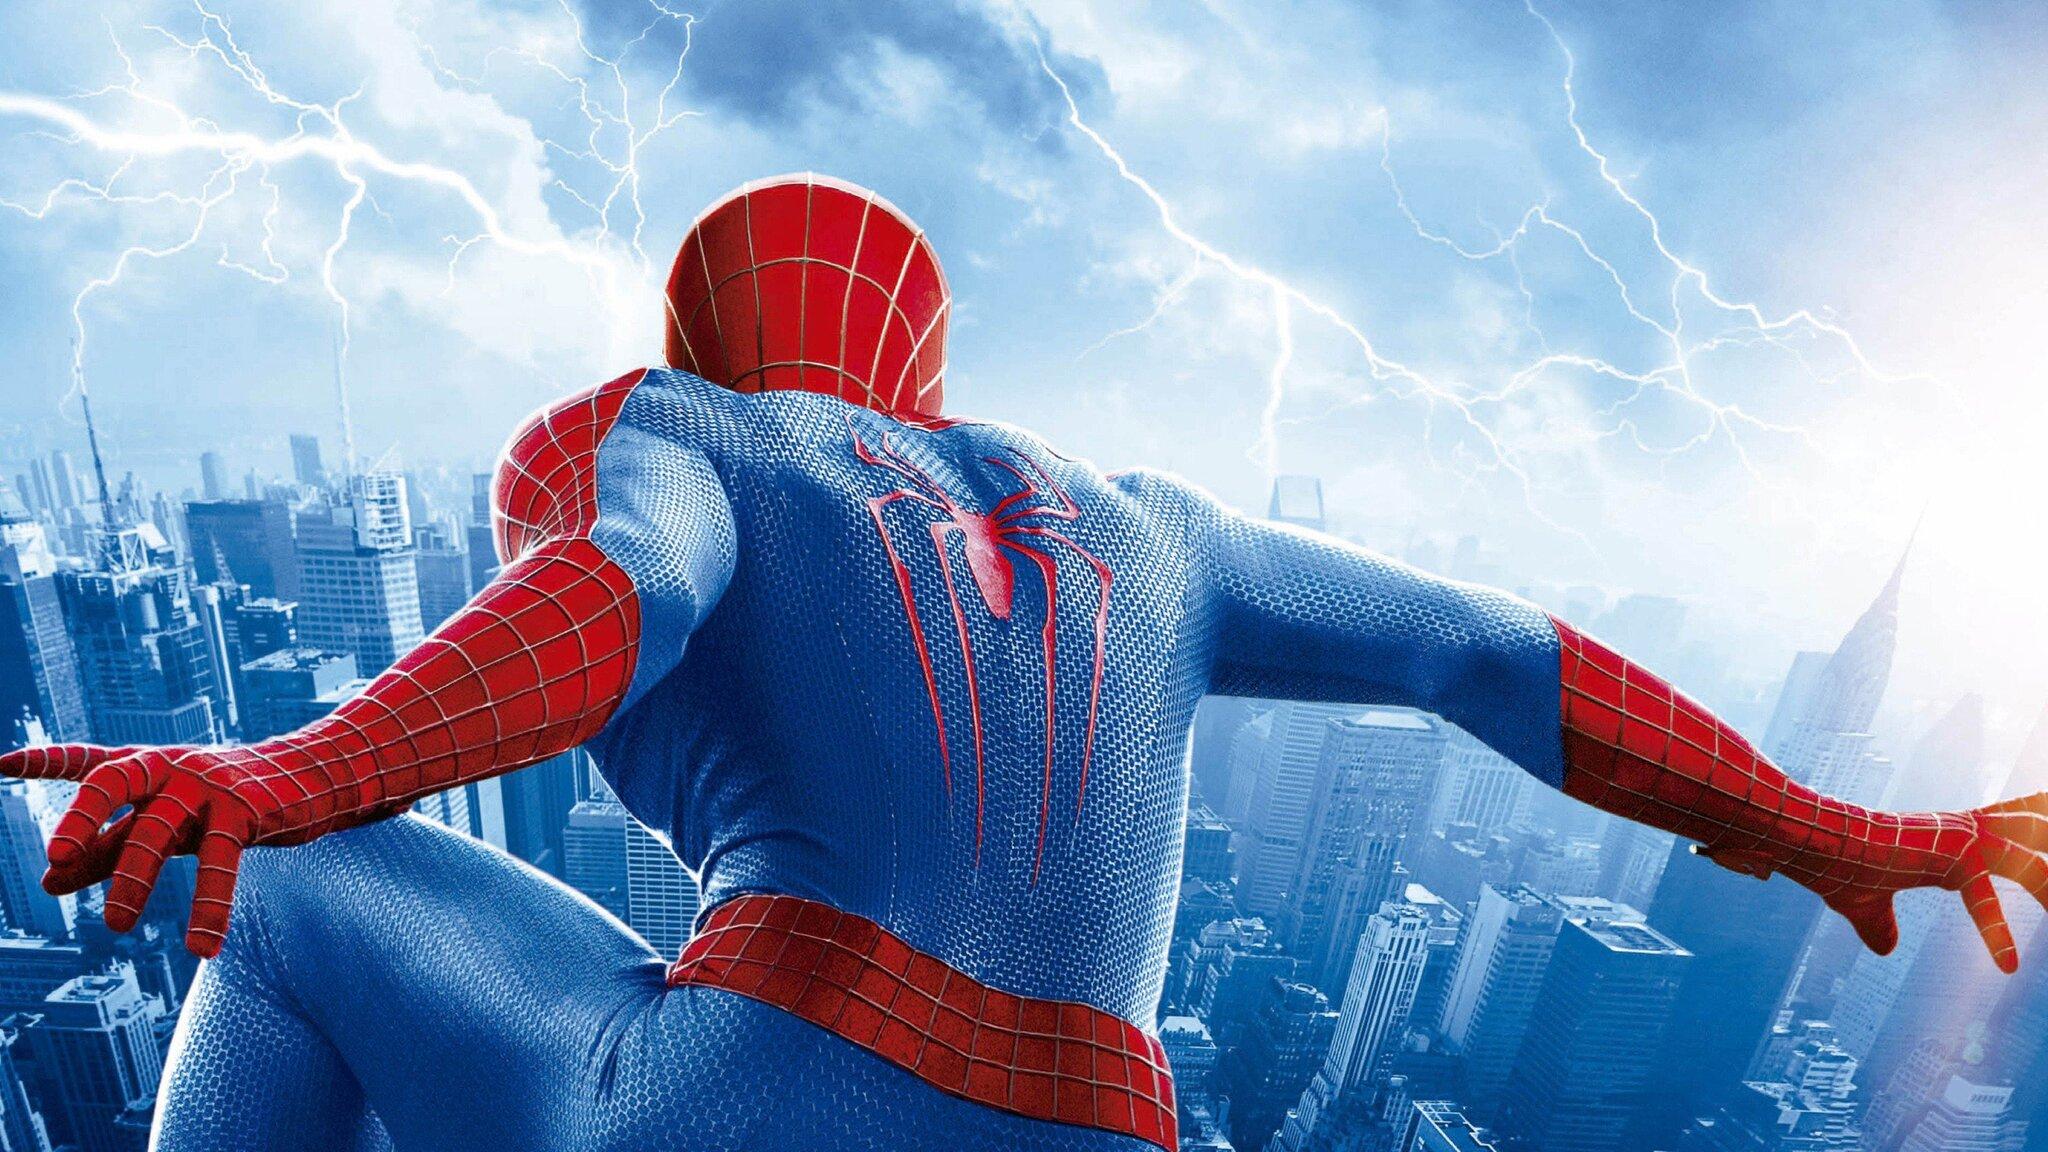 the-amazing-spider-man-movie.jpg